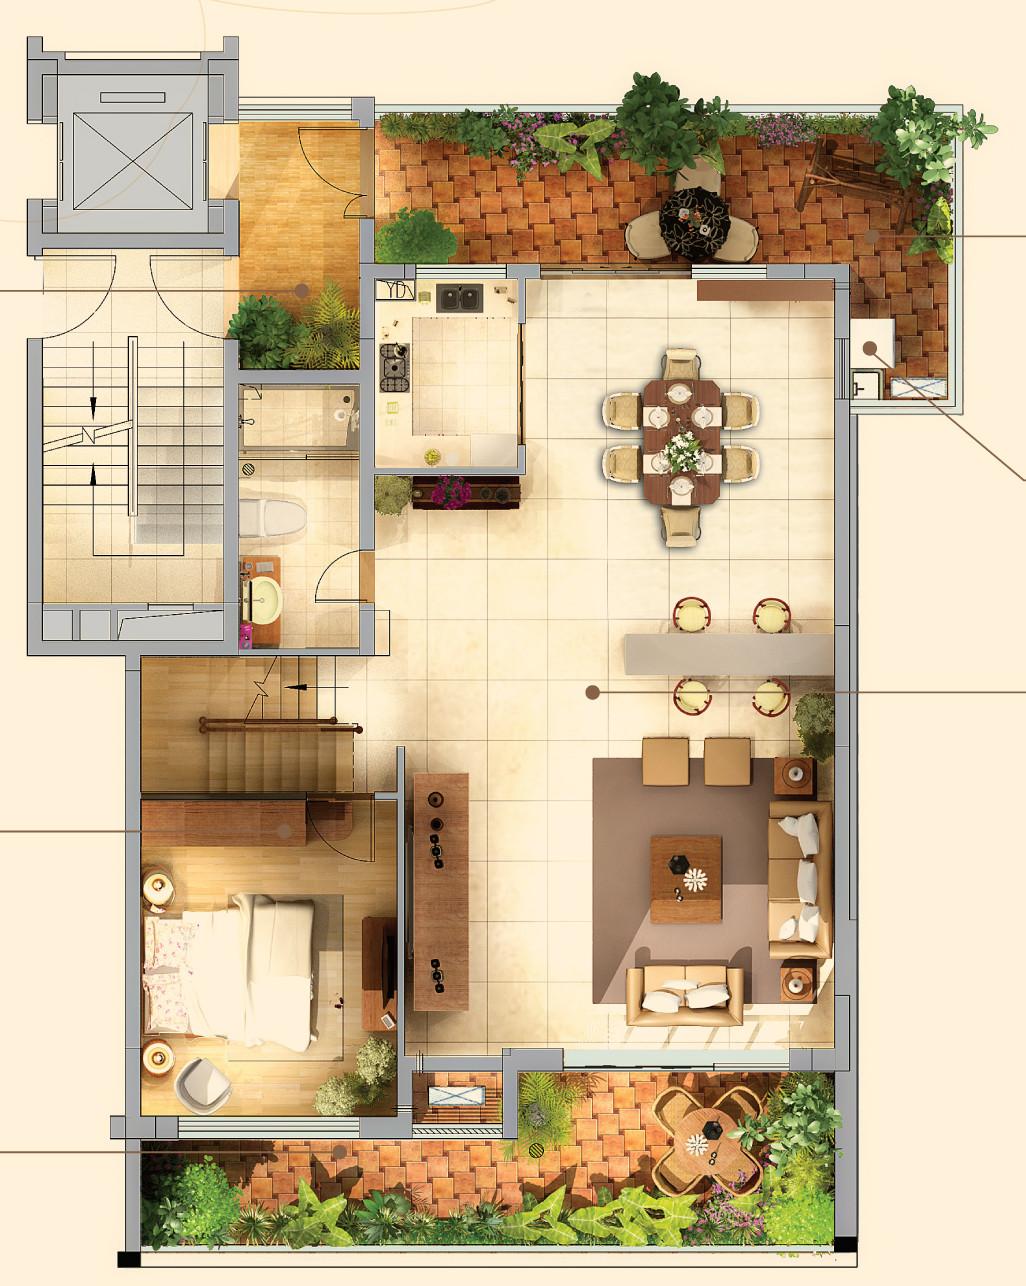 8米客厅双挑高,9.4米总开间丰富居住空间,给人的第一印象就是大气.